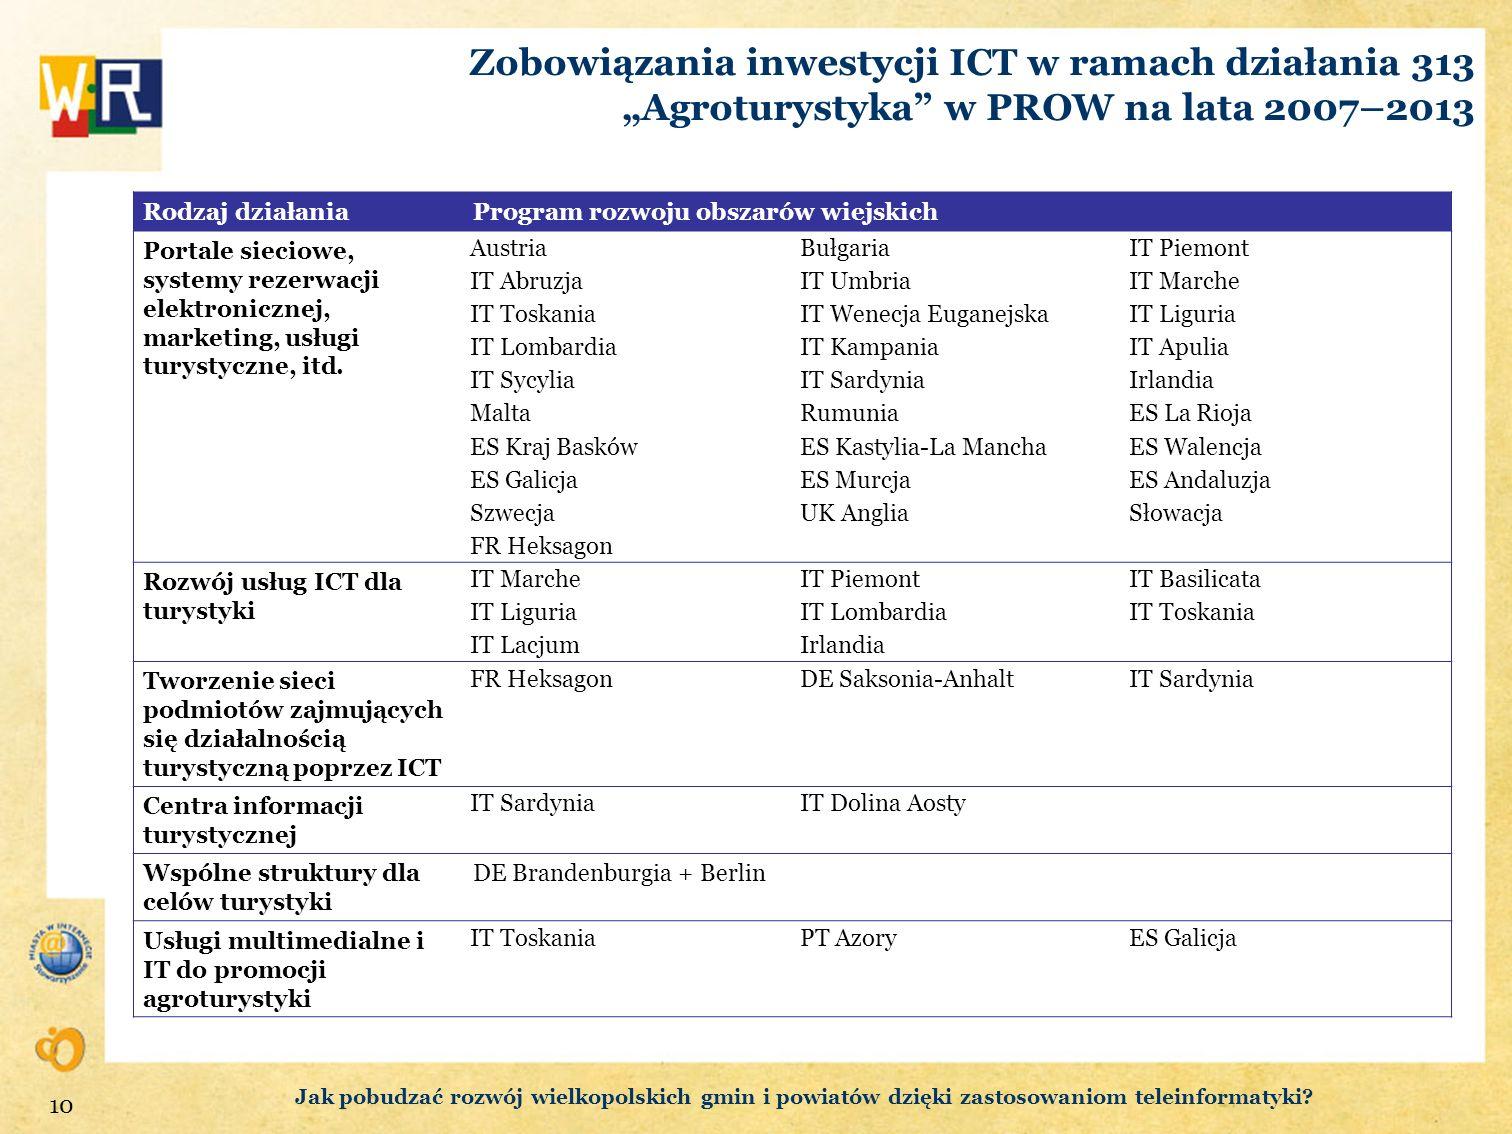 """Zobowiązania inwestycji ICT w ramach działania 313 """"Agroturystyka w PROW na lata 2007–2013"""